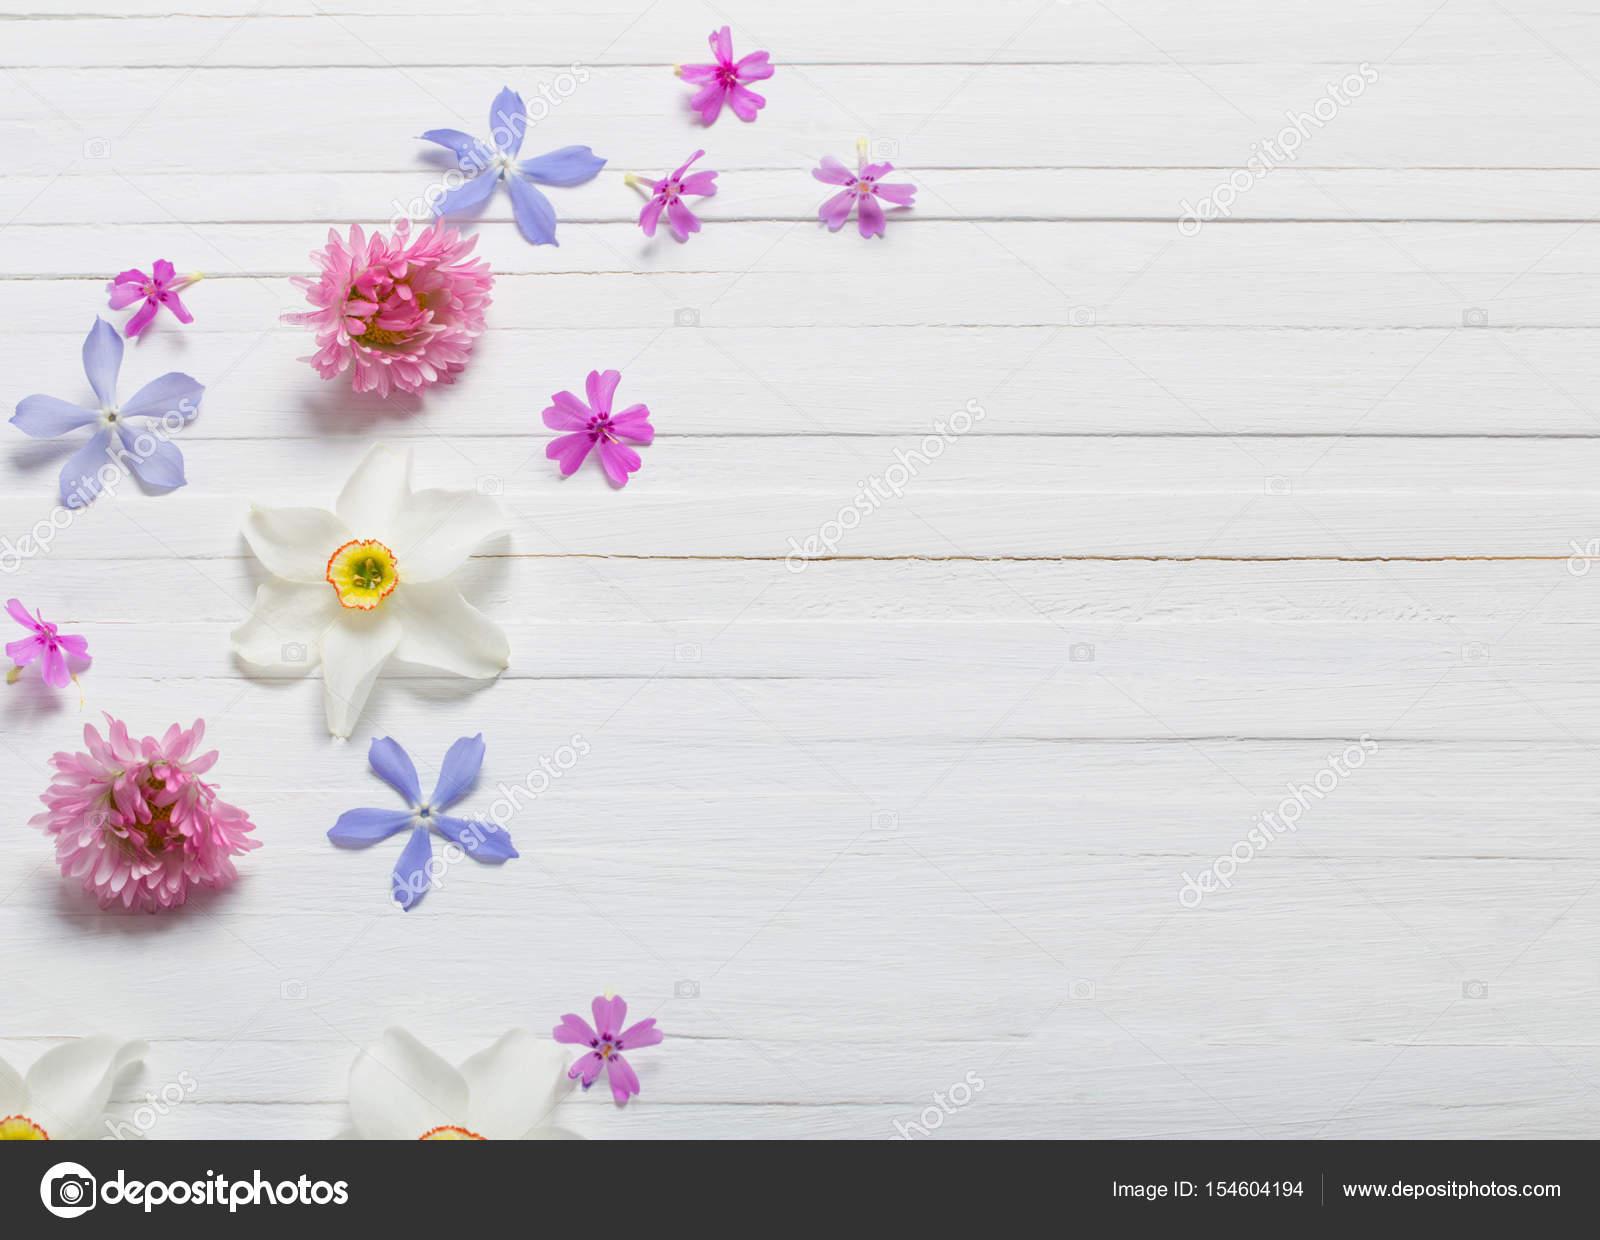 Flores Lilas Con Rosas Sobre Fondo: Flores De Primavera Sobre Fondo Blanco De Madera